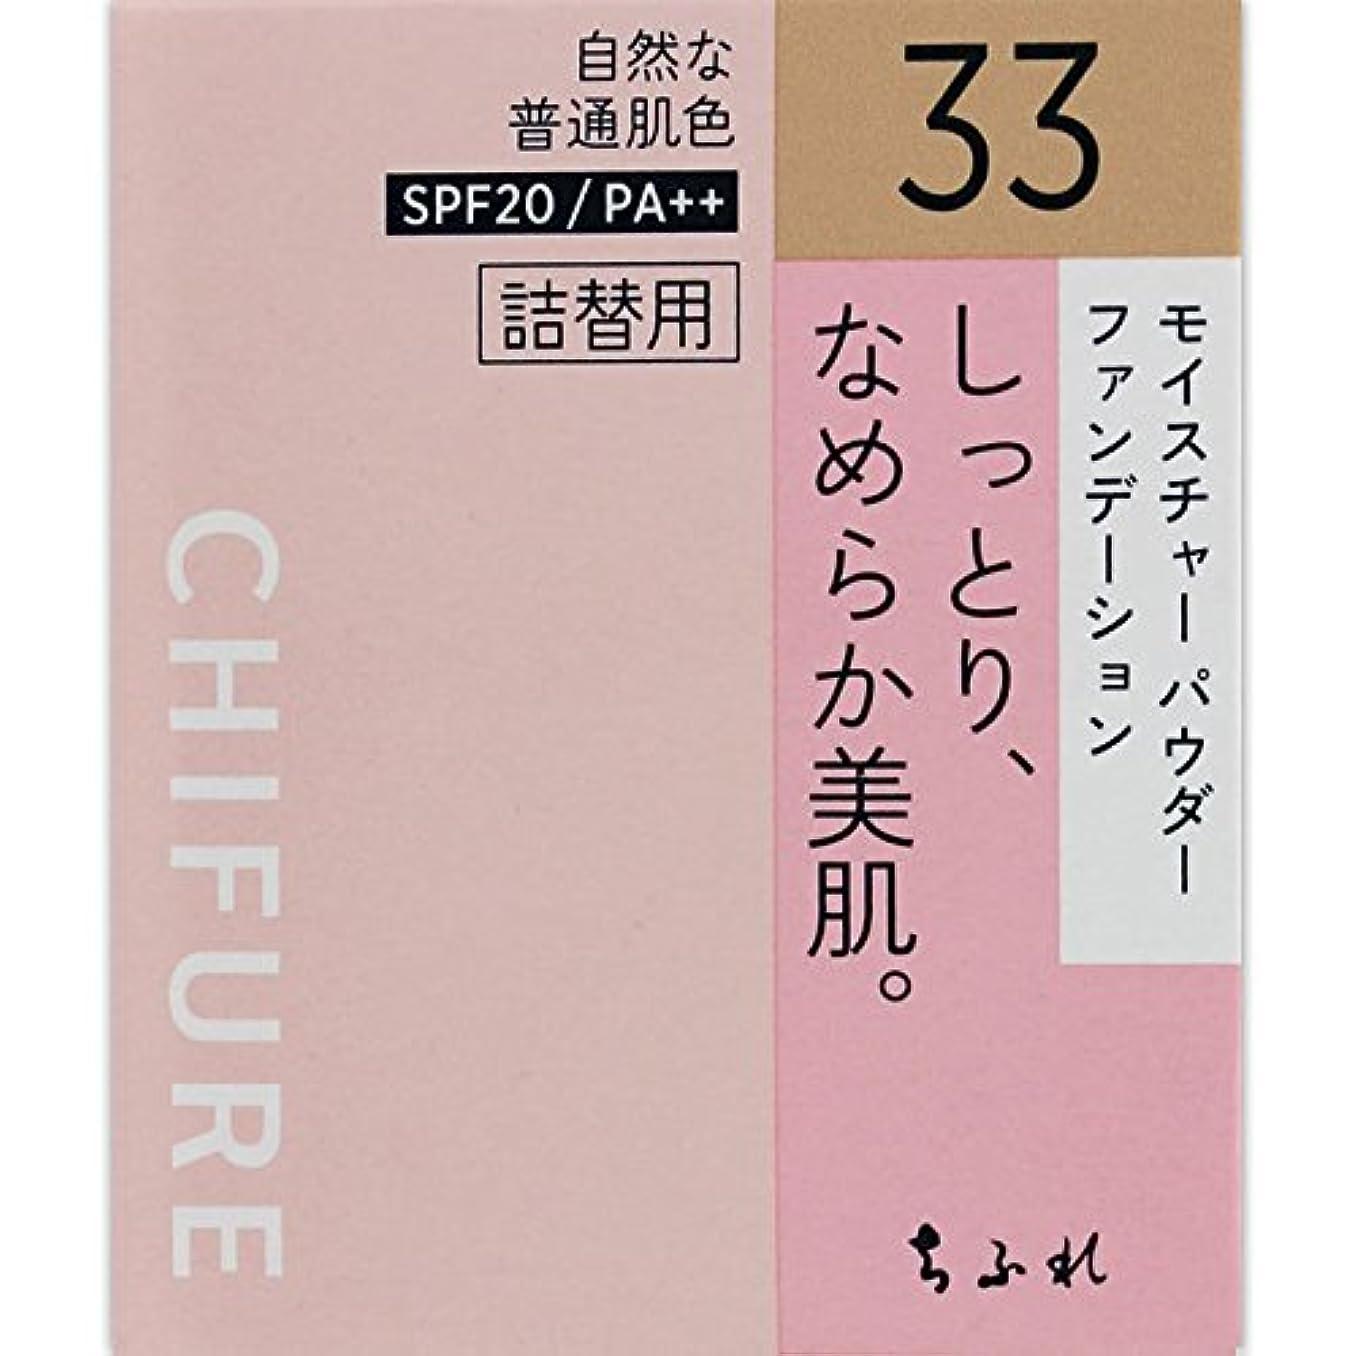 中央値識別する解決するちふれ化粧品 モイスチャー パウダーファンデーション 詰替用 オークル系 MパウダーFD詰替用33